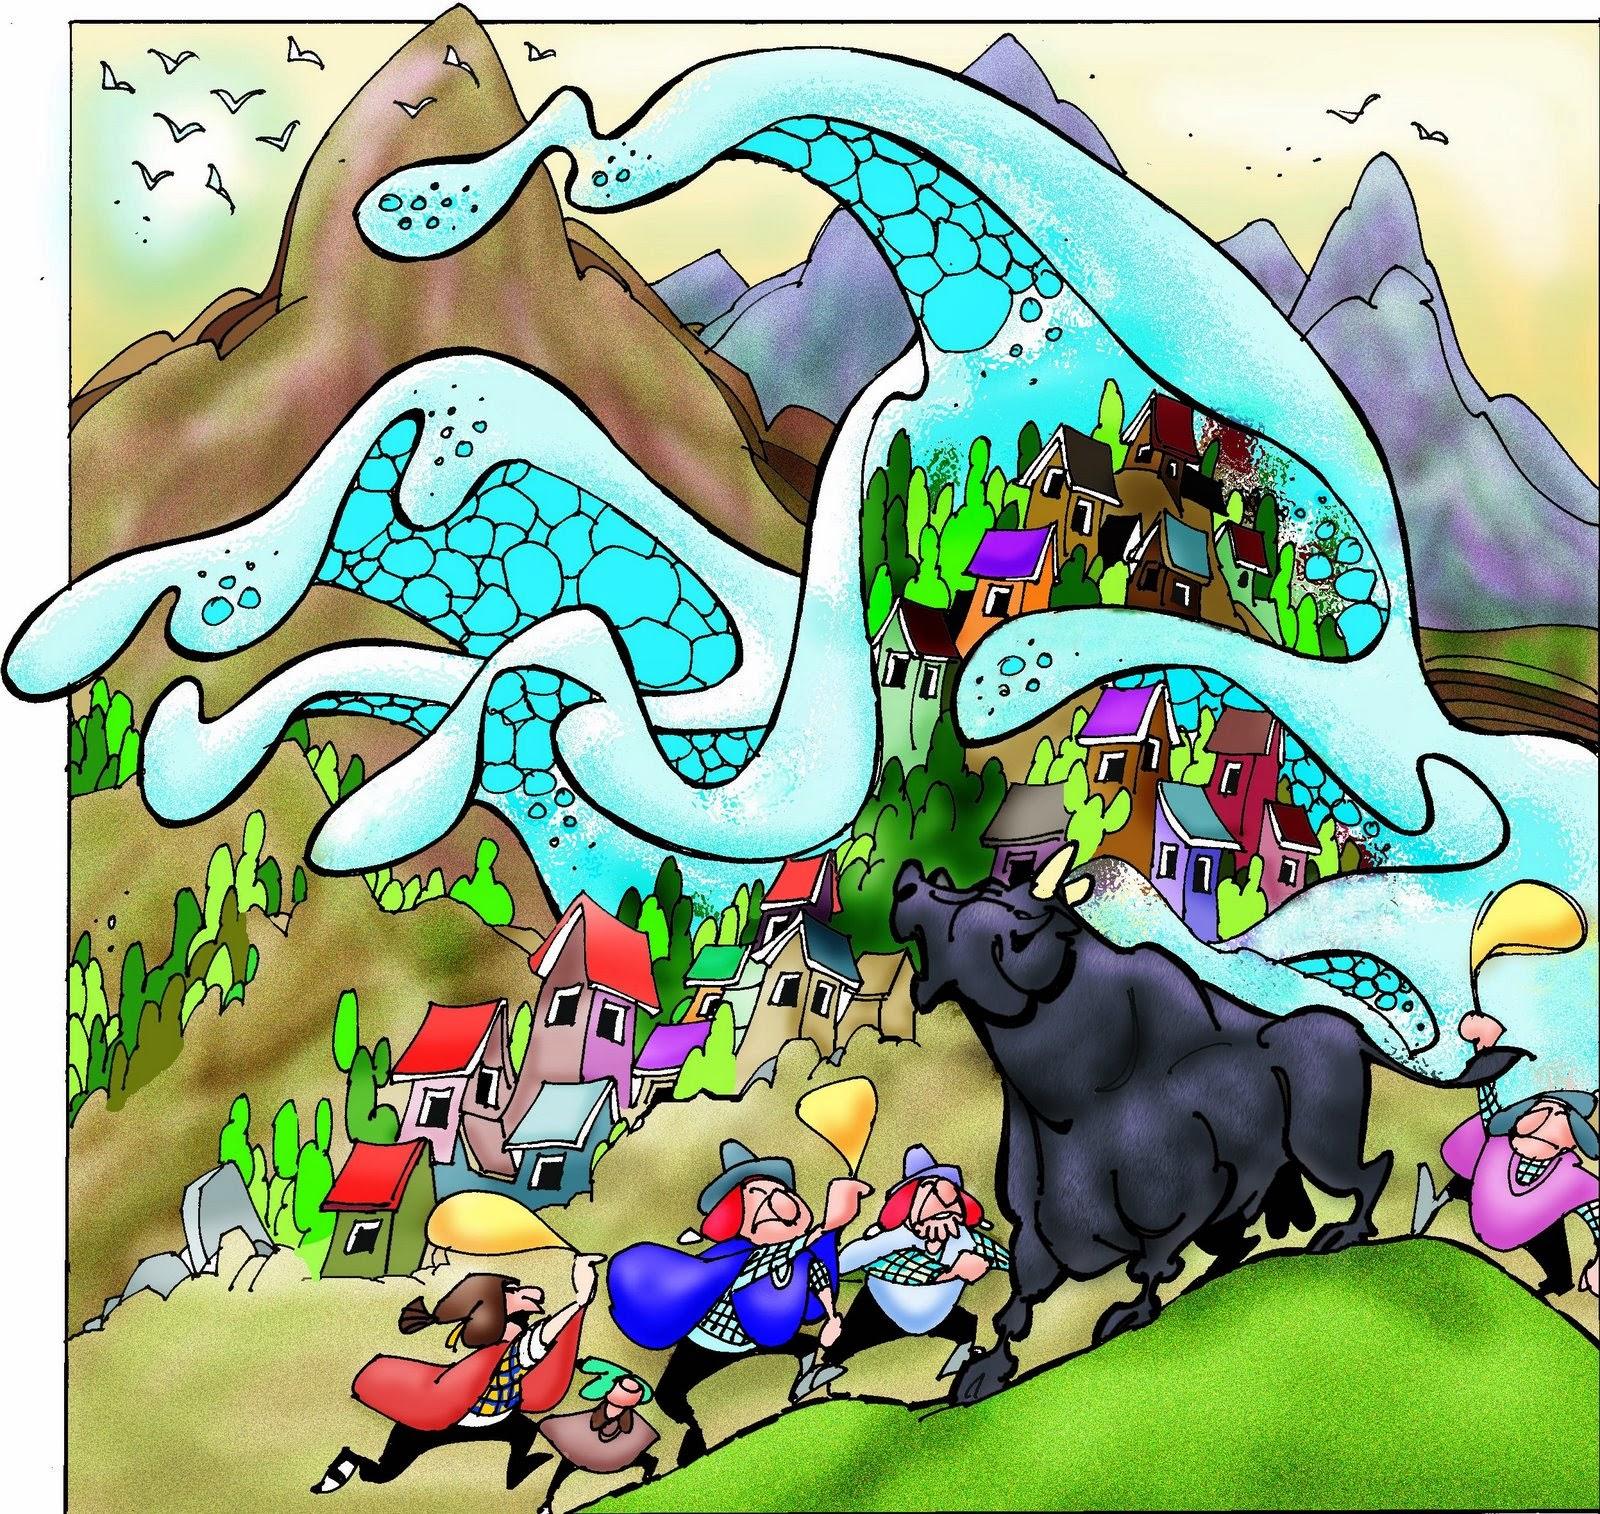 leyenda el toro encantado